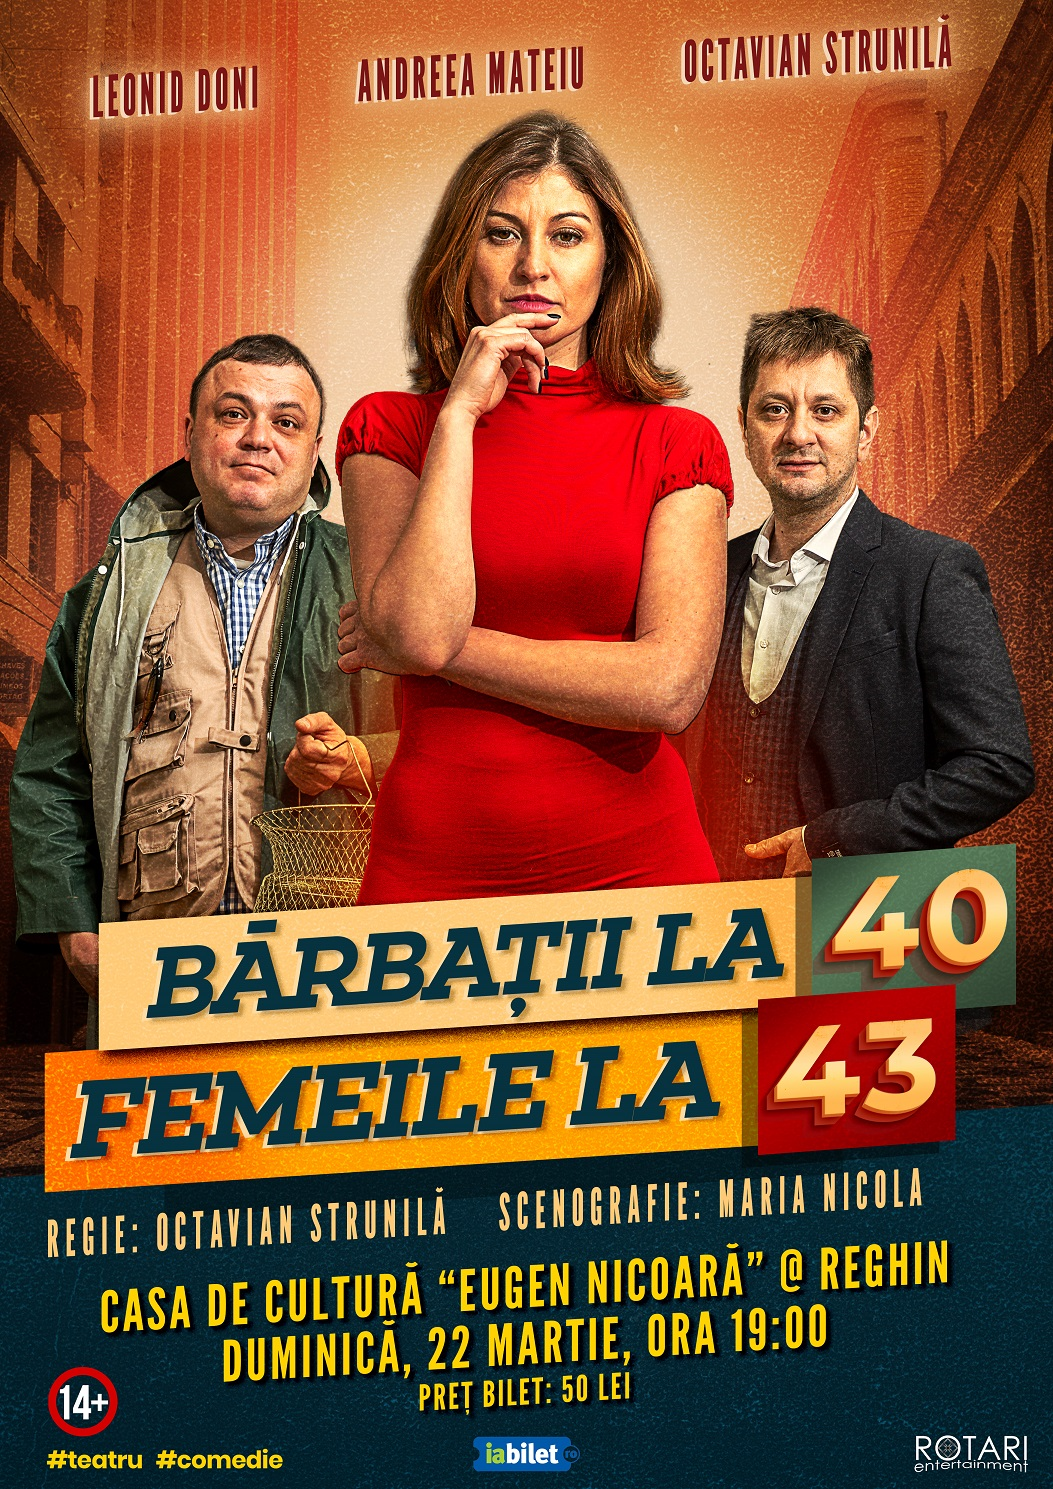 Bărbații la 40, Femeile la 43 în regia lui Octavian Strunilă, cu Leonid Doni, Andreea Mateiu și Octavian Strunilă, la Casa de Cultură Eugen Nicoară din Reghin